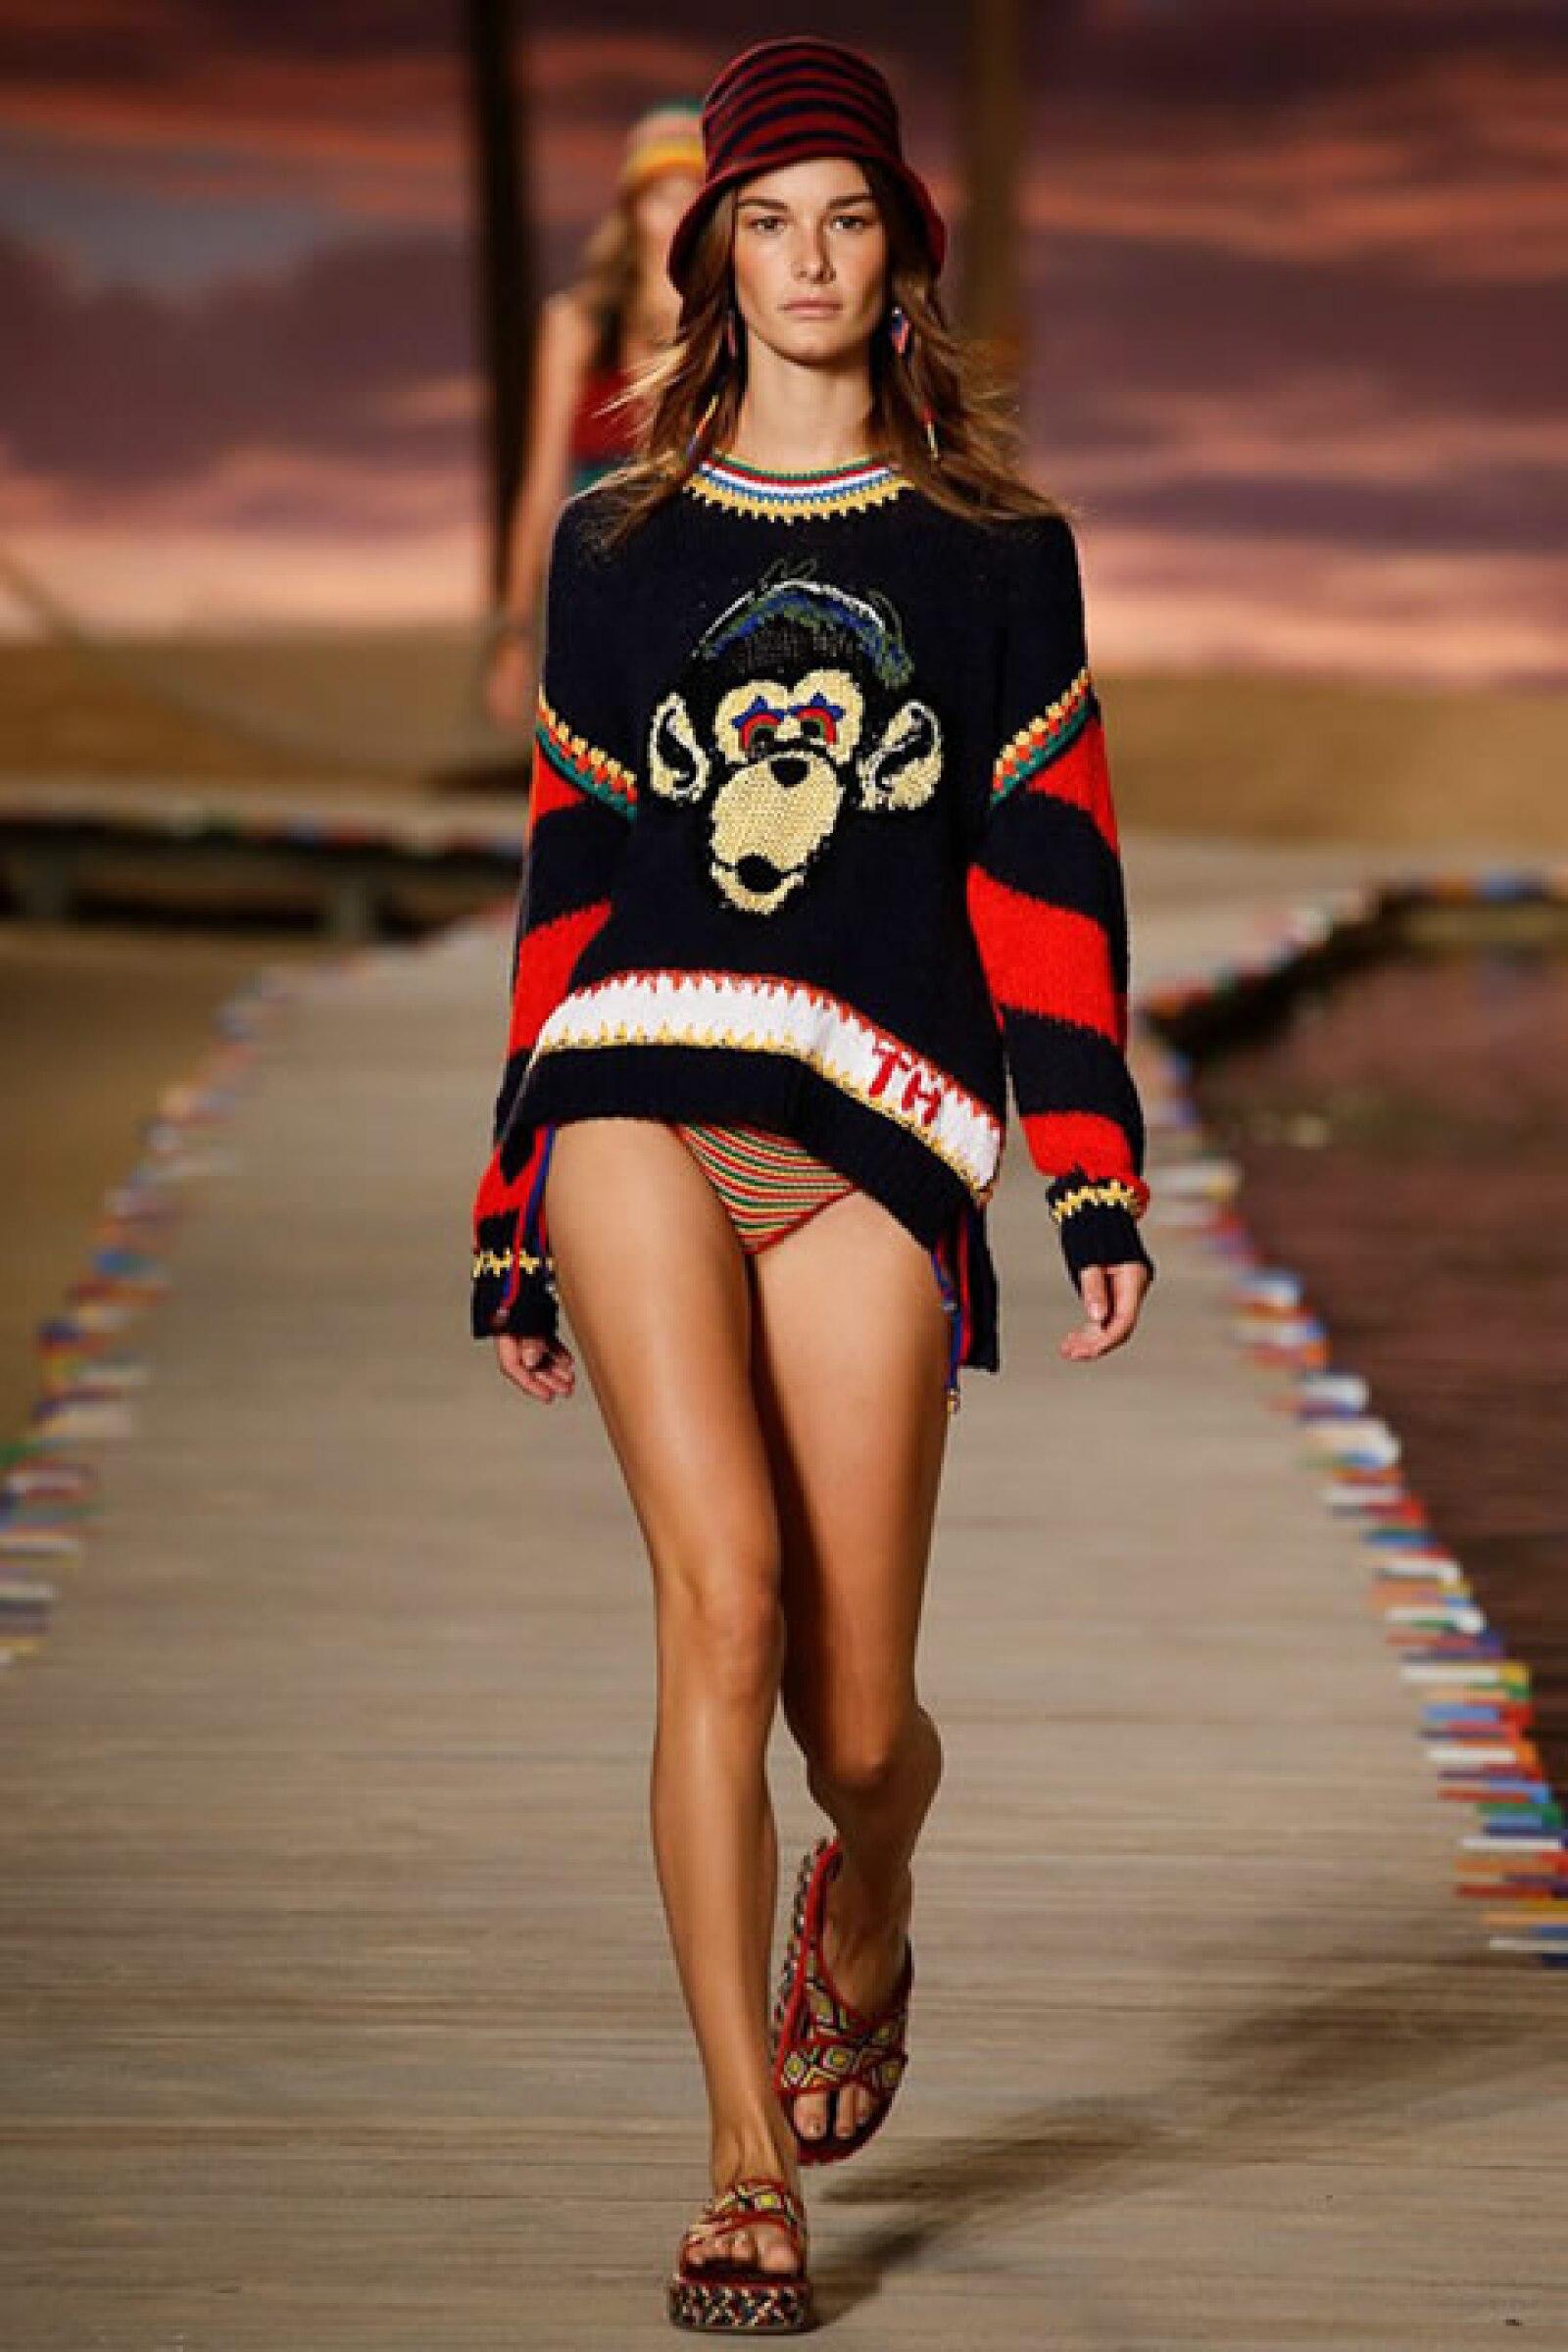 Suéter tejido a mano de mono, bikini de crochet y sandalias tipo alpargatas.